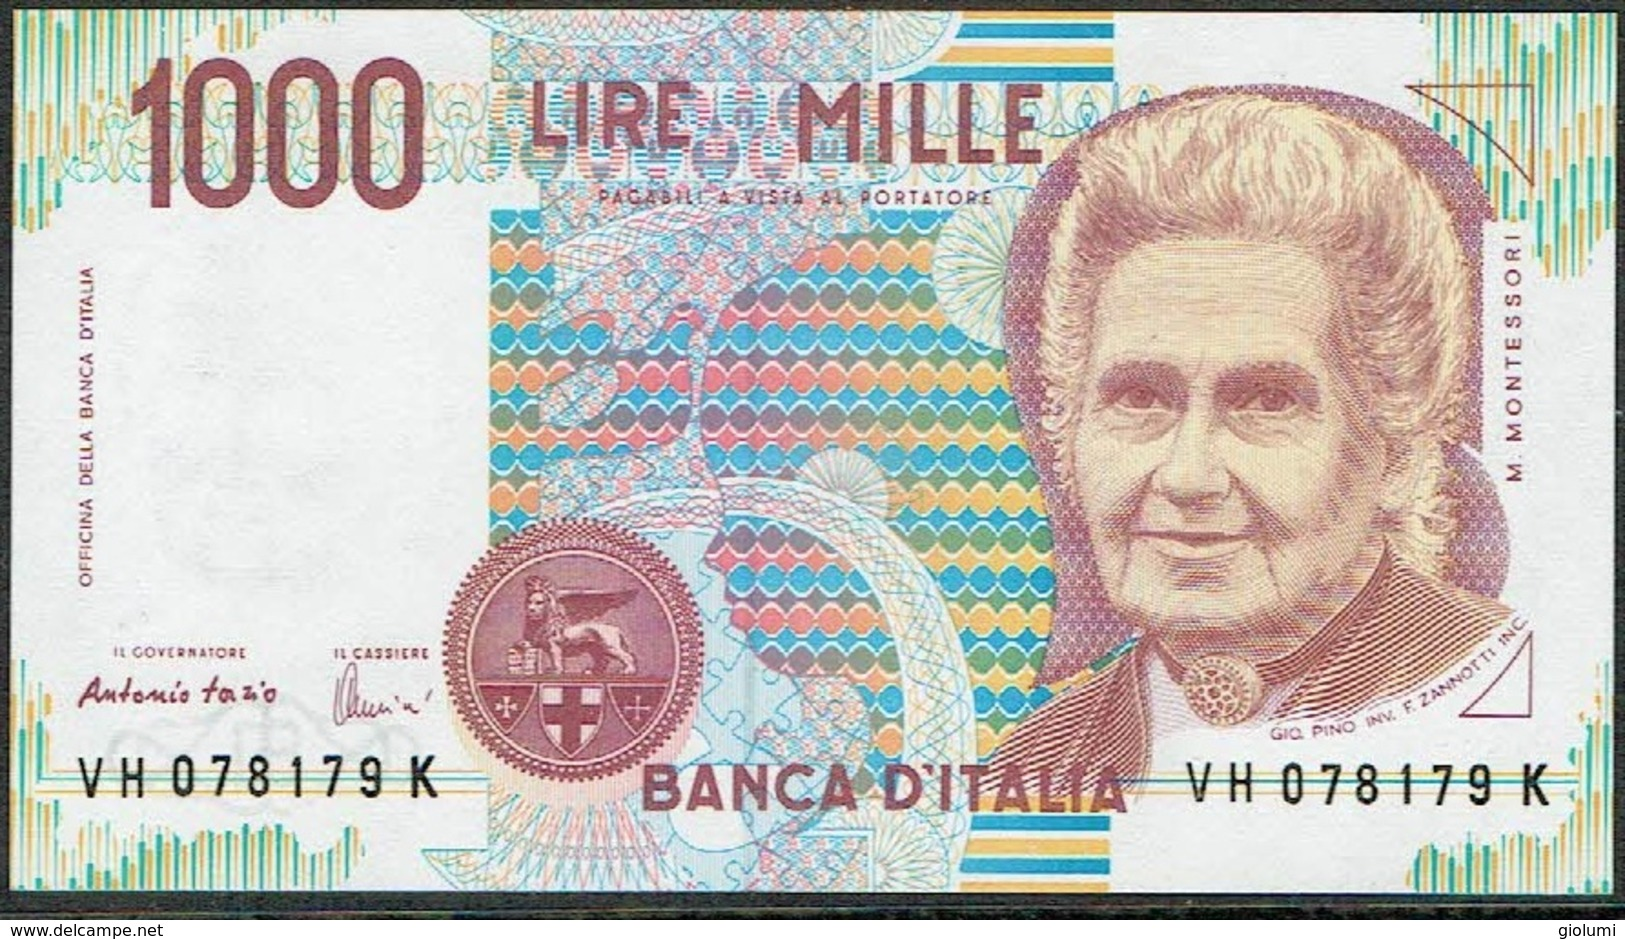 ITALY 1000 Lire Maria Montessori - 1000 Lire